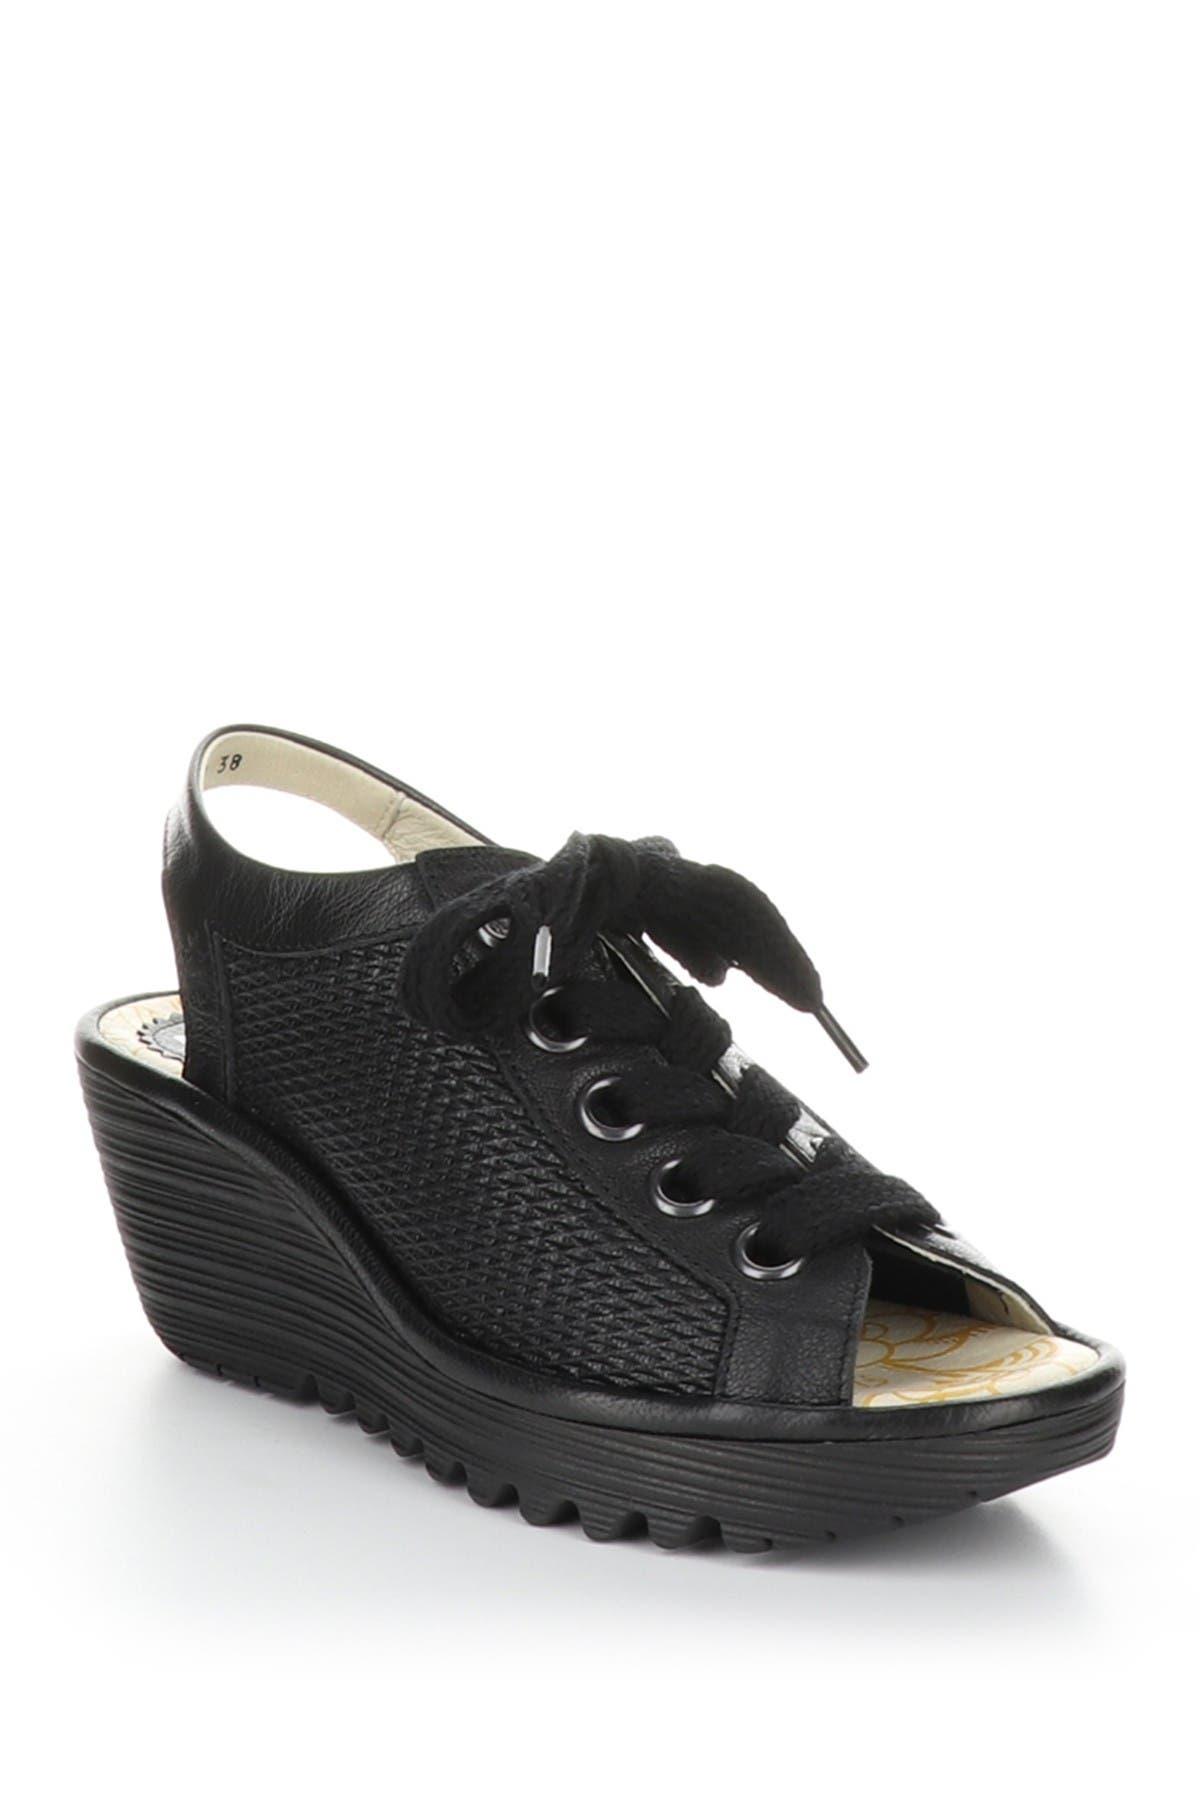 Image of FLY London Yoli Wedge Lace-Up Sandal